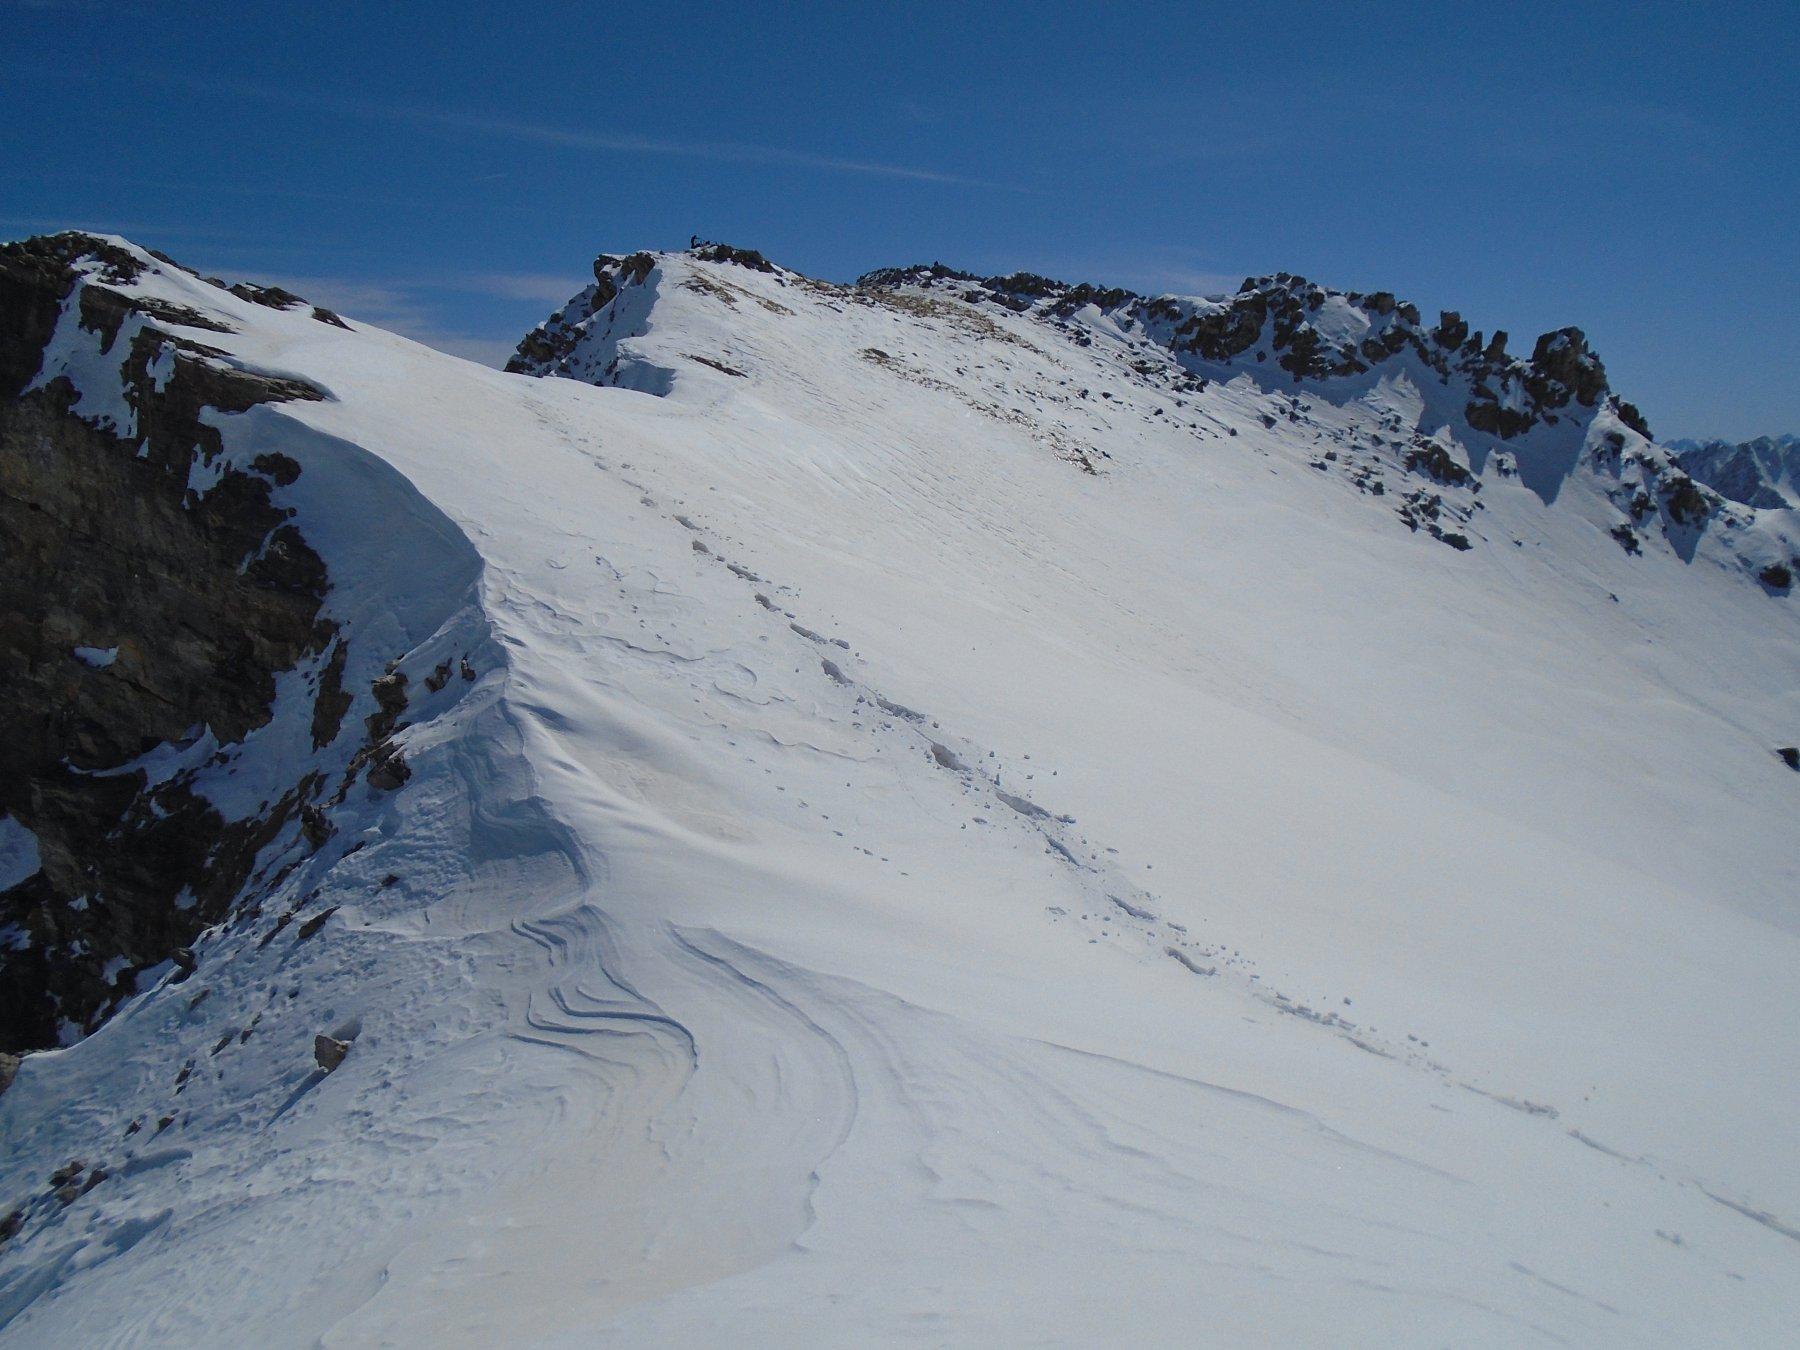 Vetta sciistica vista dal versante opposto (sul percorso verso la vetta vera)